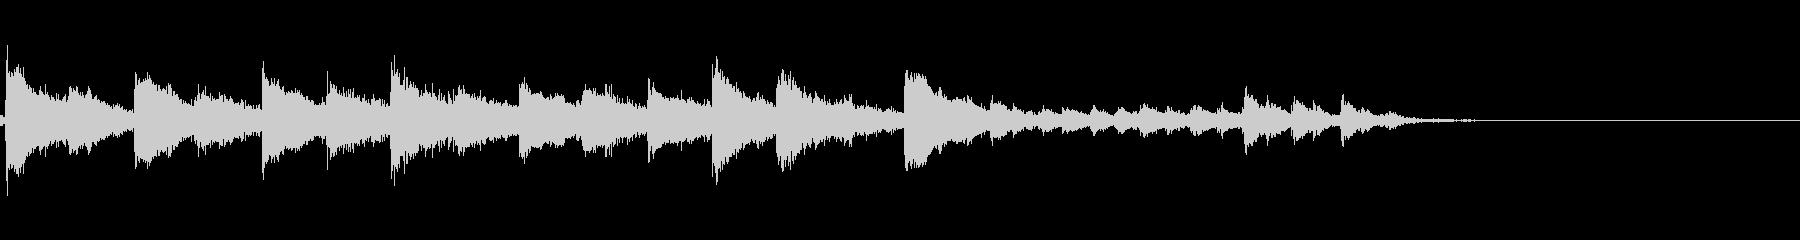 琴の和風効果音の未再生の波形